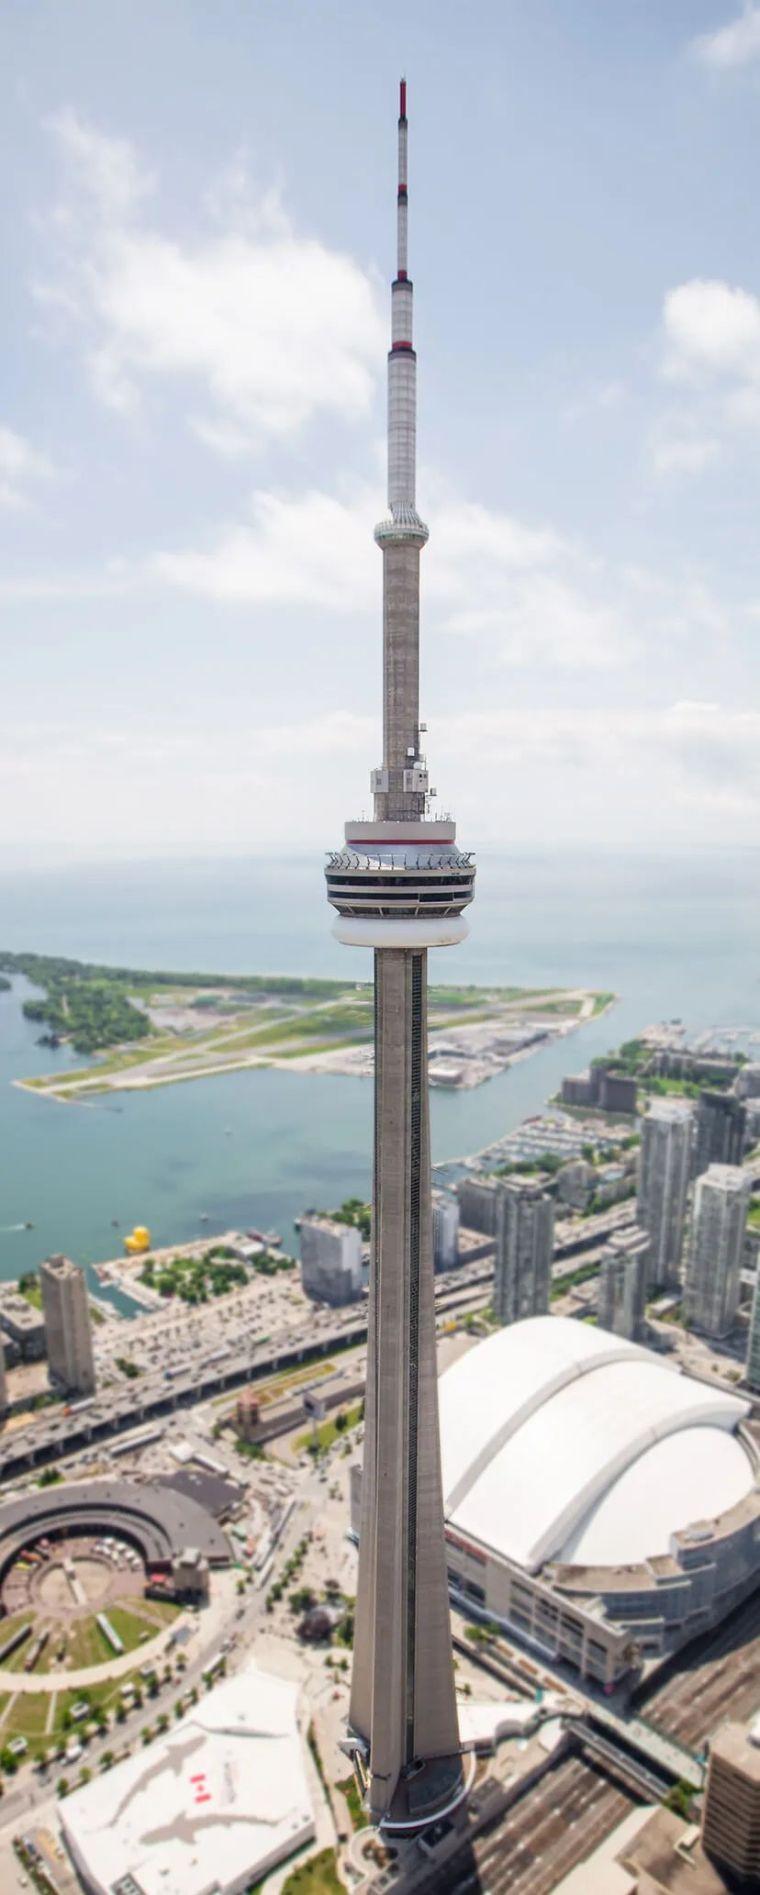 电子监控设备建设工程资料下载-最高独立式建筑—553米CNTower结构详解